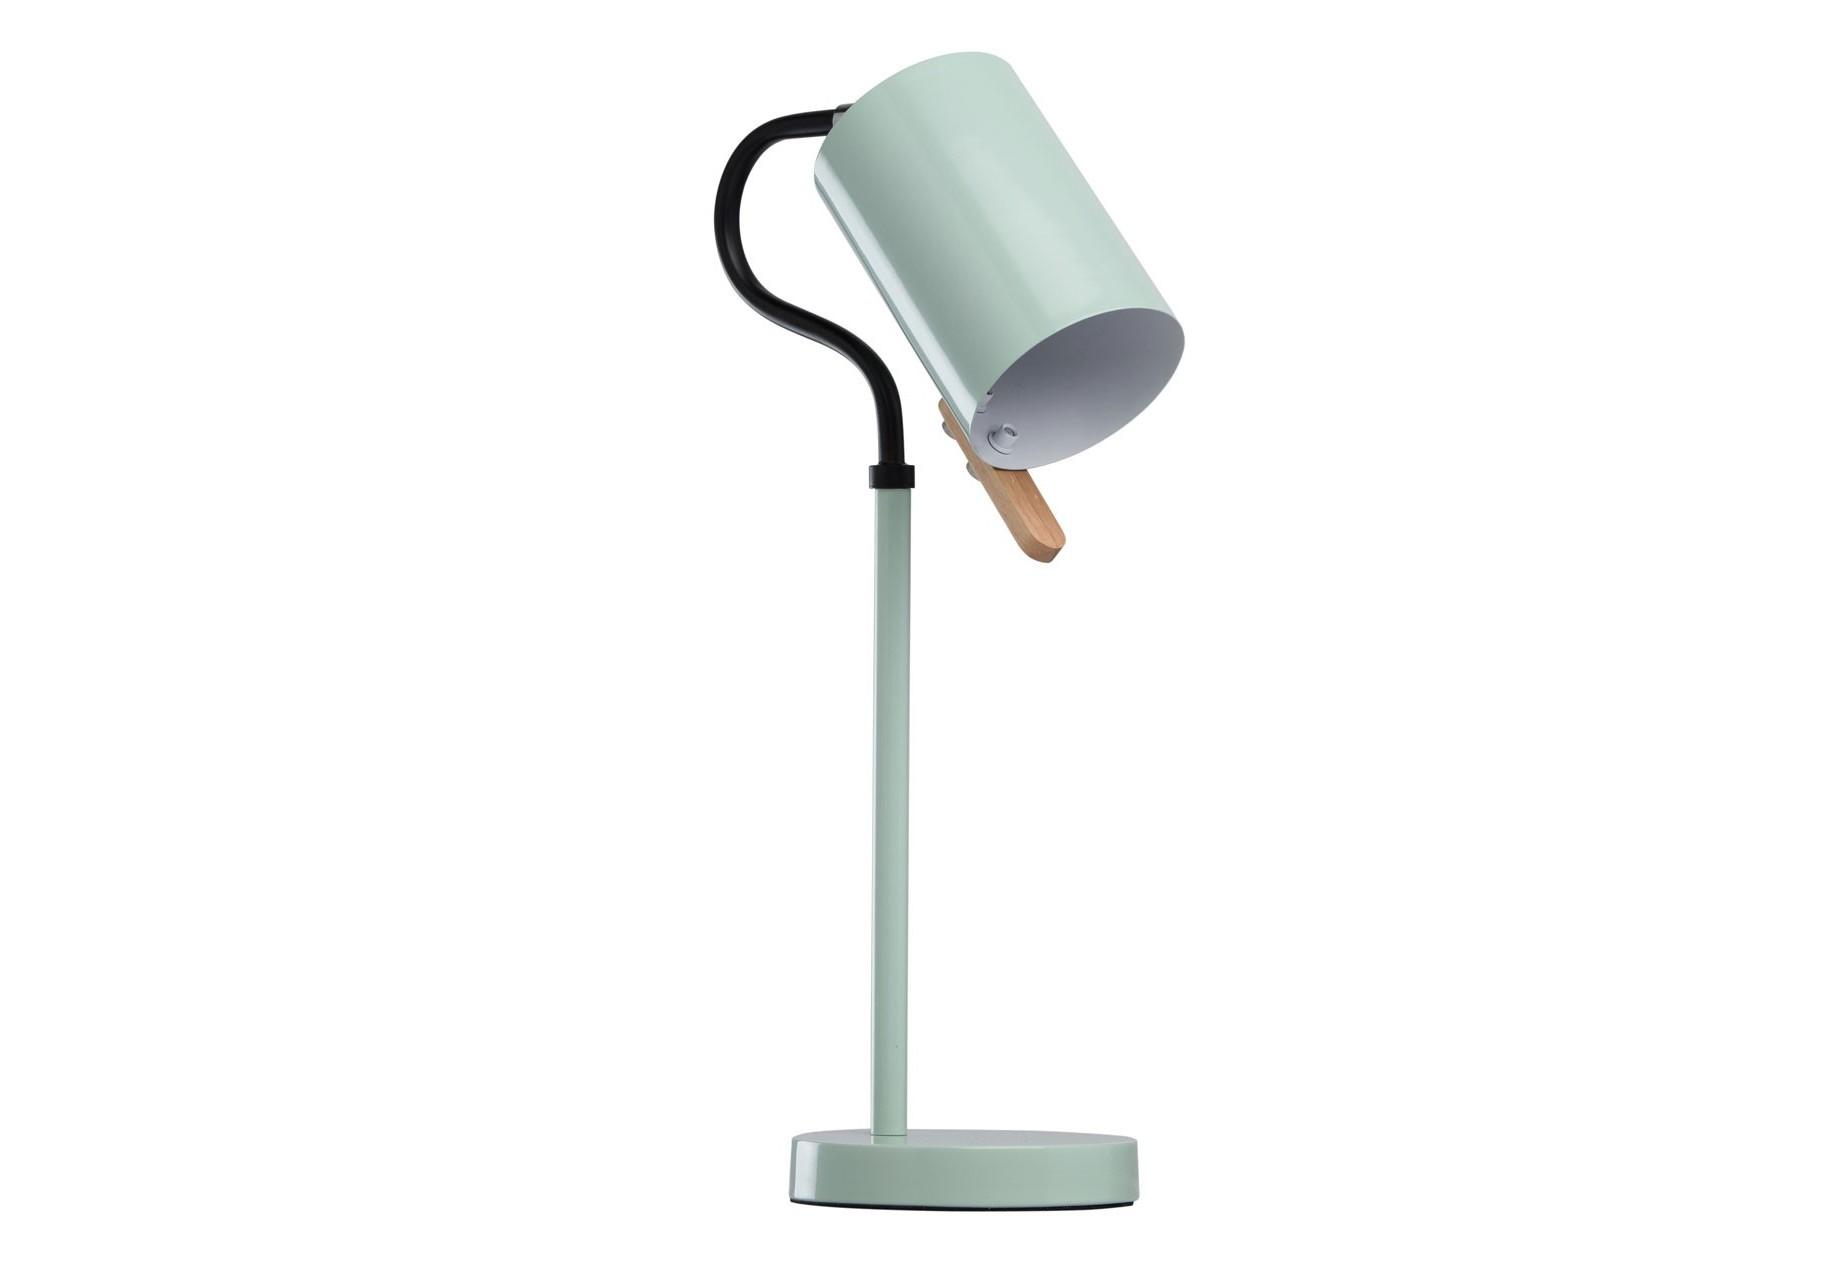 Настольная лампа АкцентНастольные лампы<br>Цоколь: E14,&amp;amp;nbsp;&amp;lt;div&amp;gt;Мощность лампы: 40W,&amp;amp;nbsp;&amp;lt;/div&amp;gt;&amp;lt;div&amp;gt;Количество ламп: 1&amp;amp;nbsp;&amp;lt;/div&amp;gt;&amp;lt;div&amp;gt;Без лампочек в комплекте.&amp;lt;/div&amp;gt;<br><br>Material: Металл<br>Length см: None<br>Width см: 27<br>Depth см: 32<br>Height см: 50